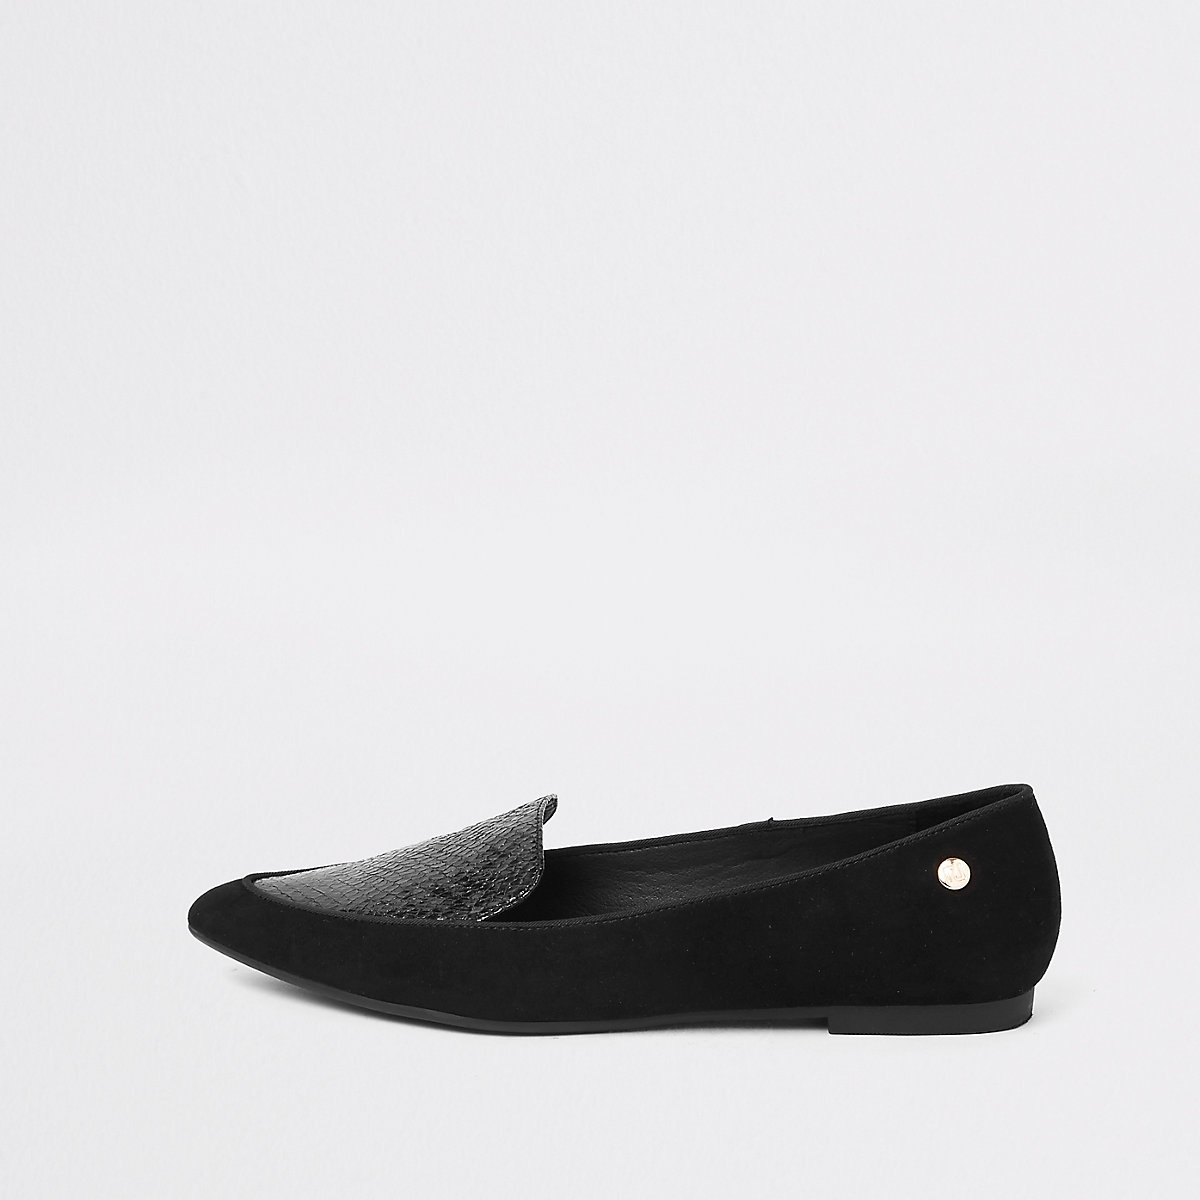 Zwarte platte schoenen met puntneus en krokodilleneffect